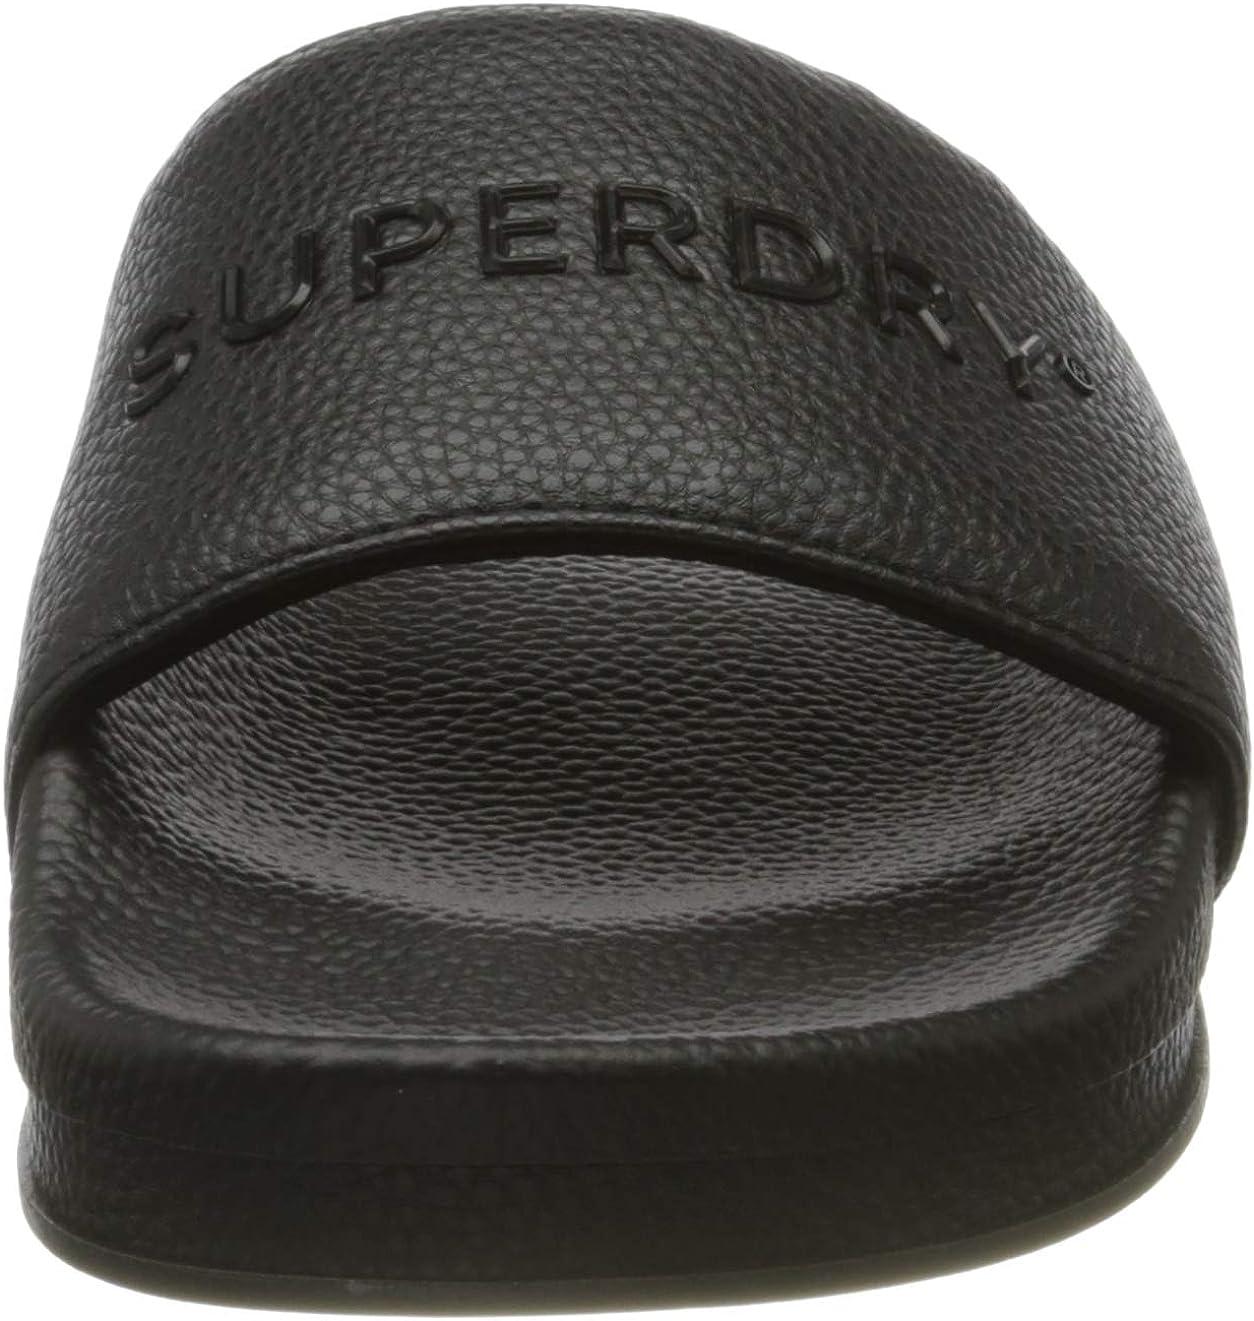 Superdry Arizona High Build Flatform Slide Zapatos de Playa y Piscina para Mujer